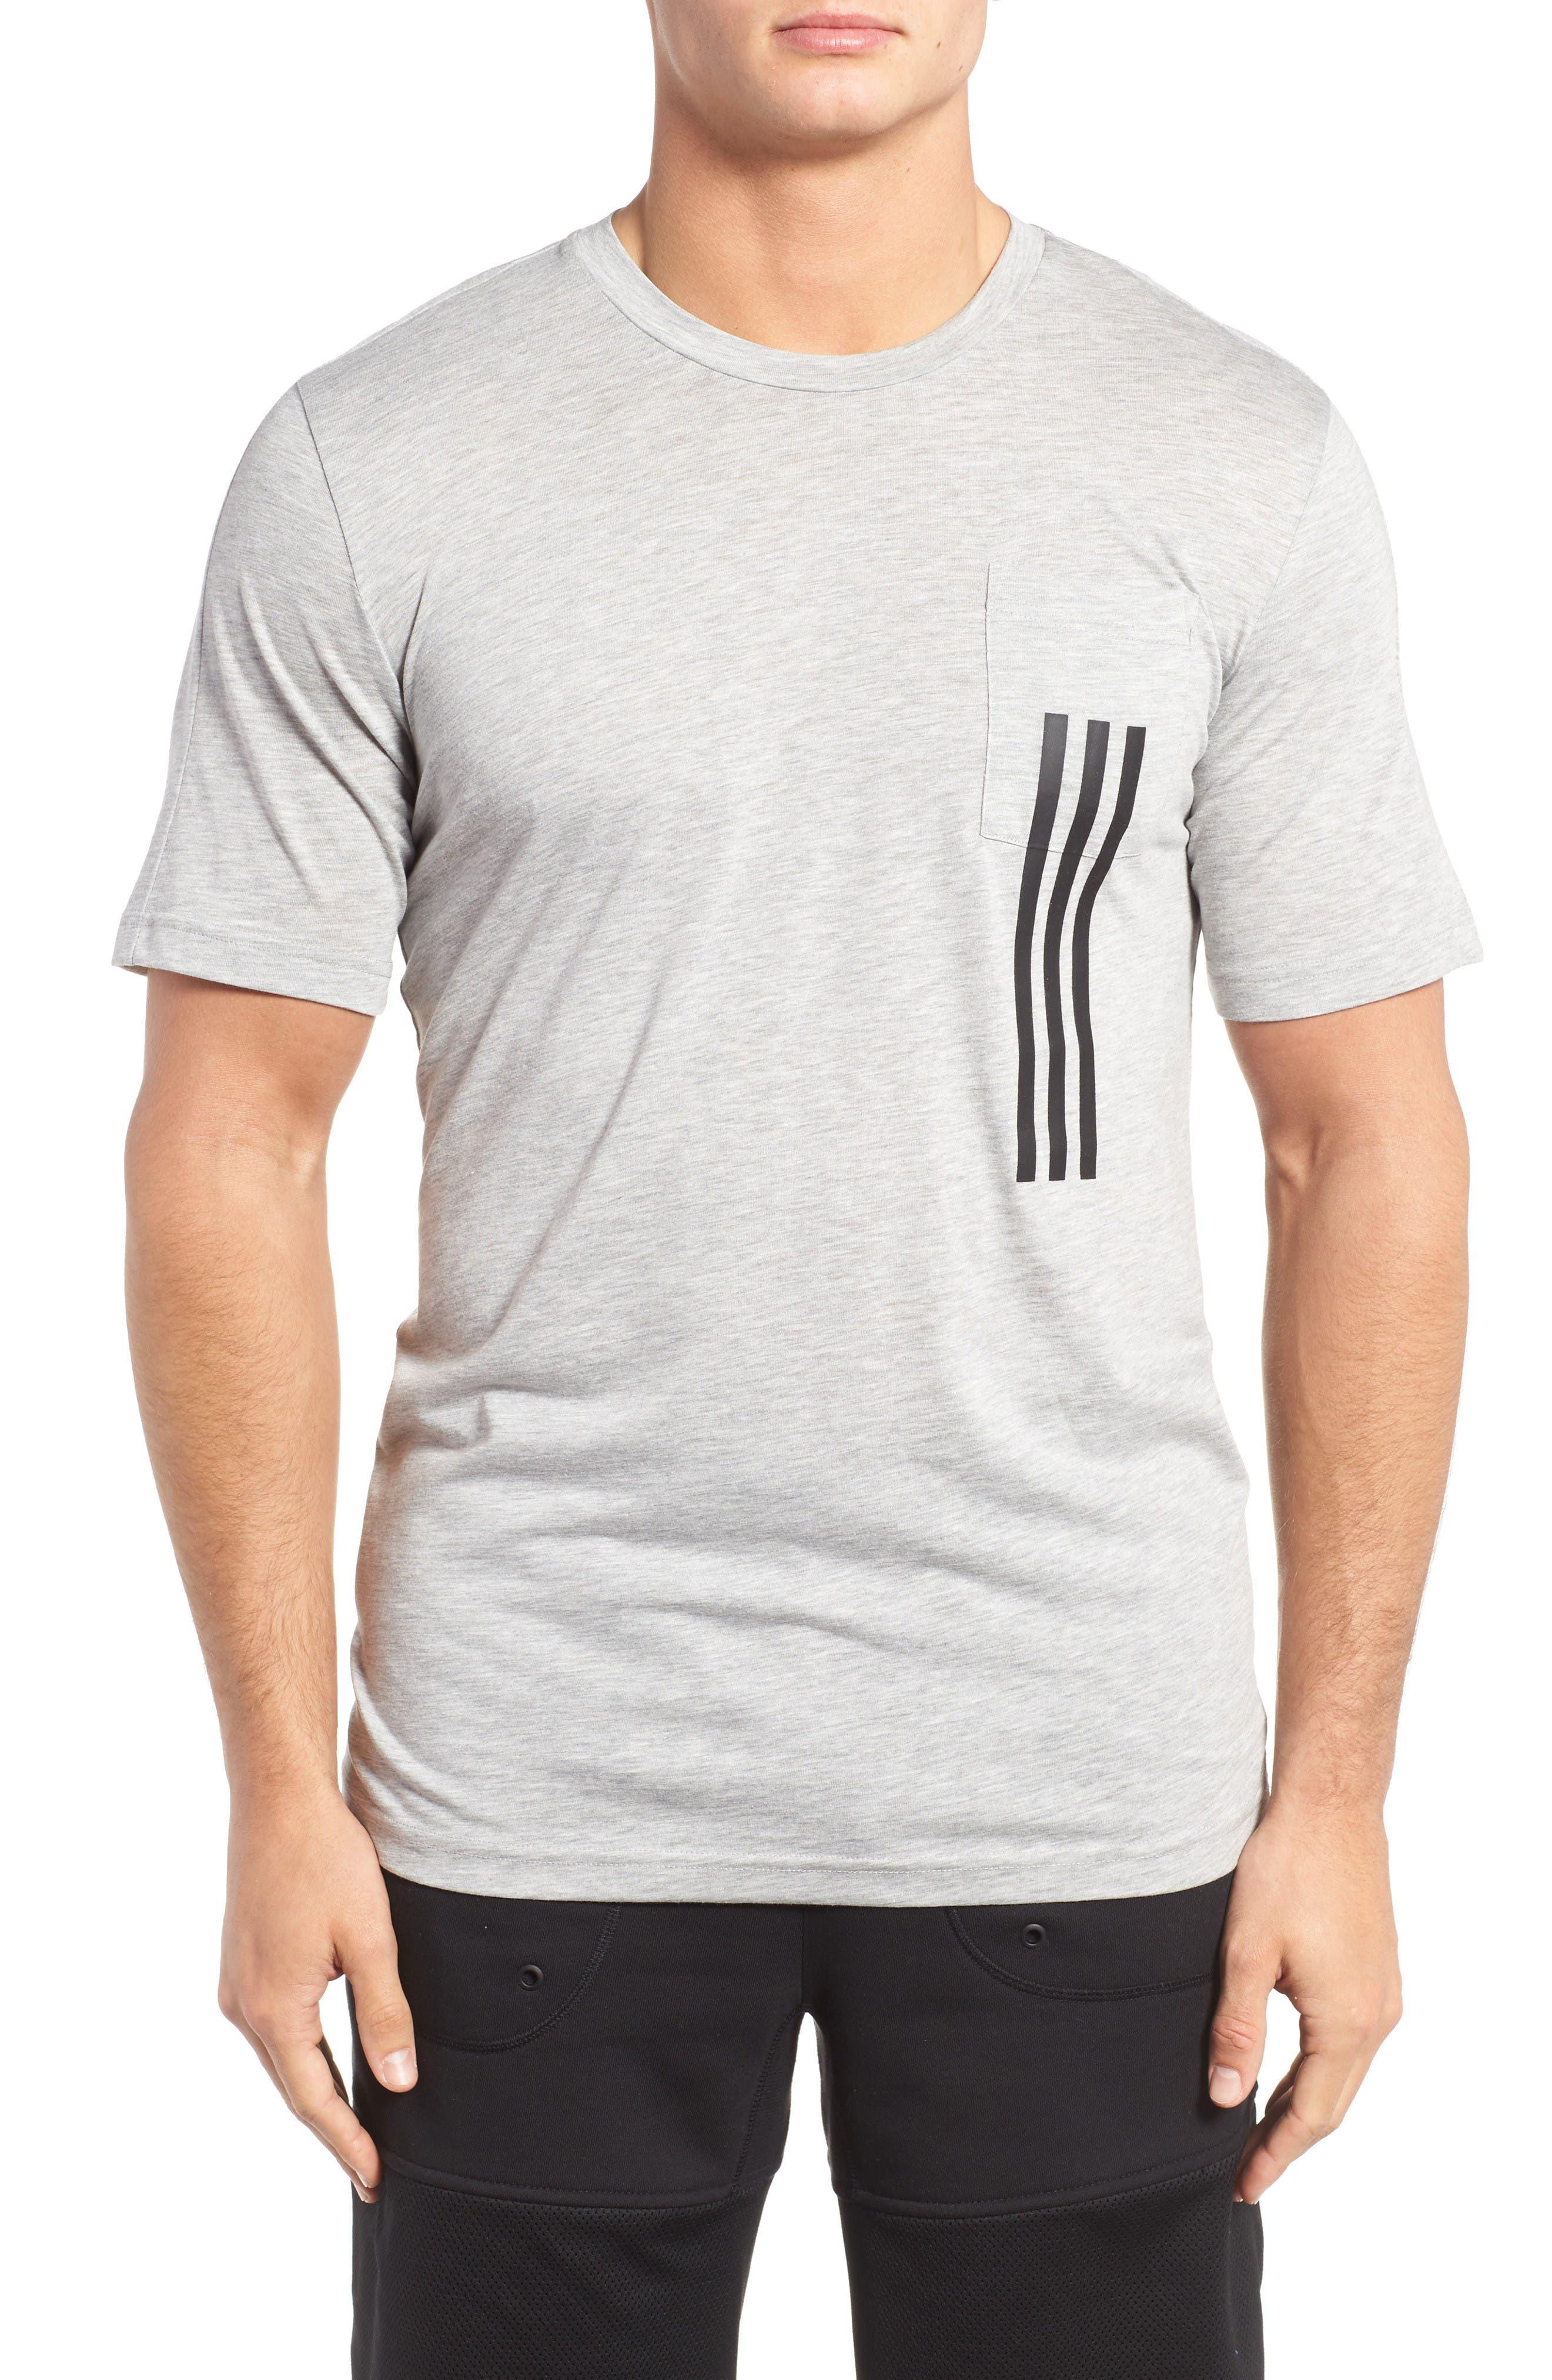 ADIDAS 3-Stripes Pocket T-Shirt